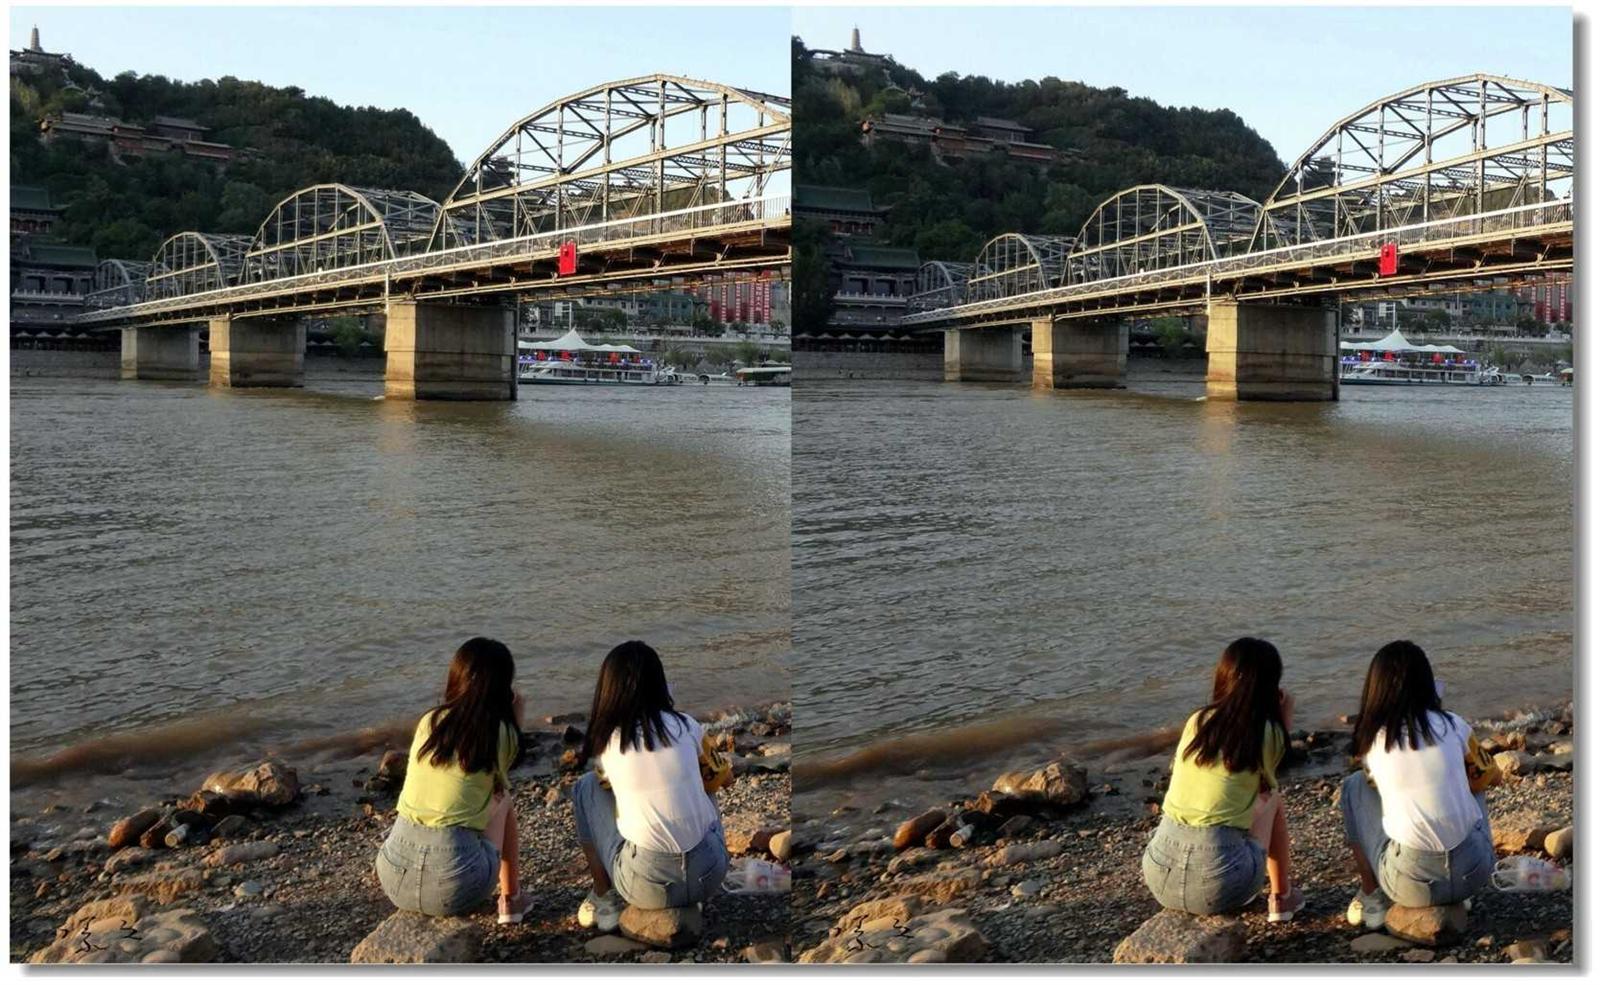 【原创】黄河铁桥下的风景 -2